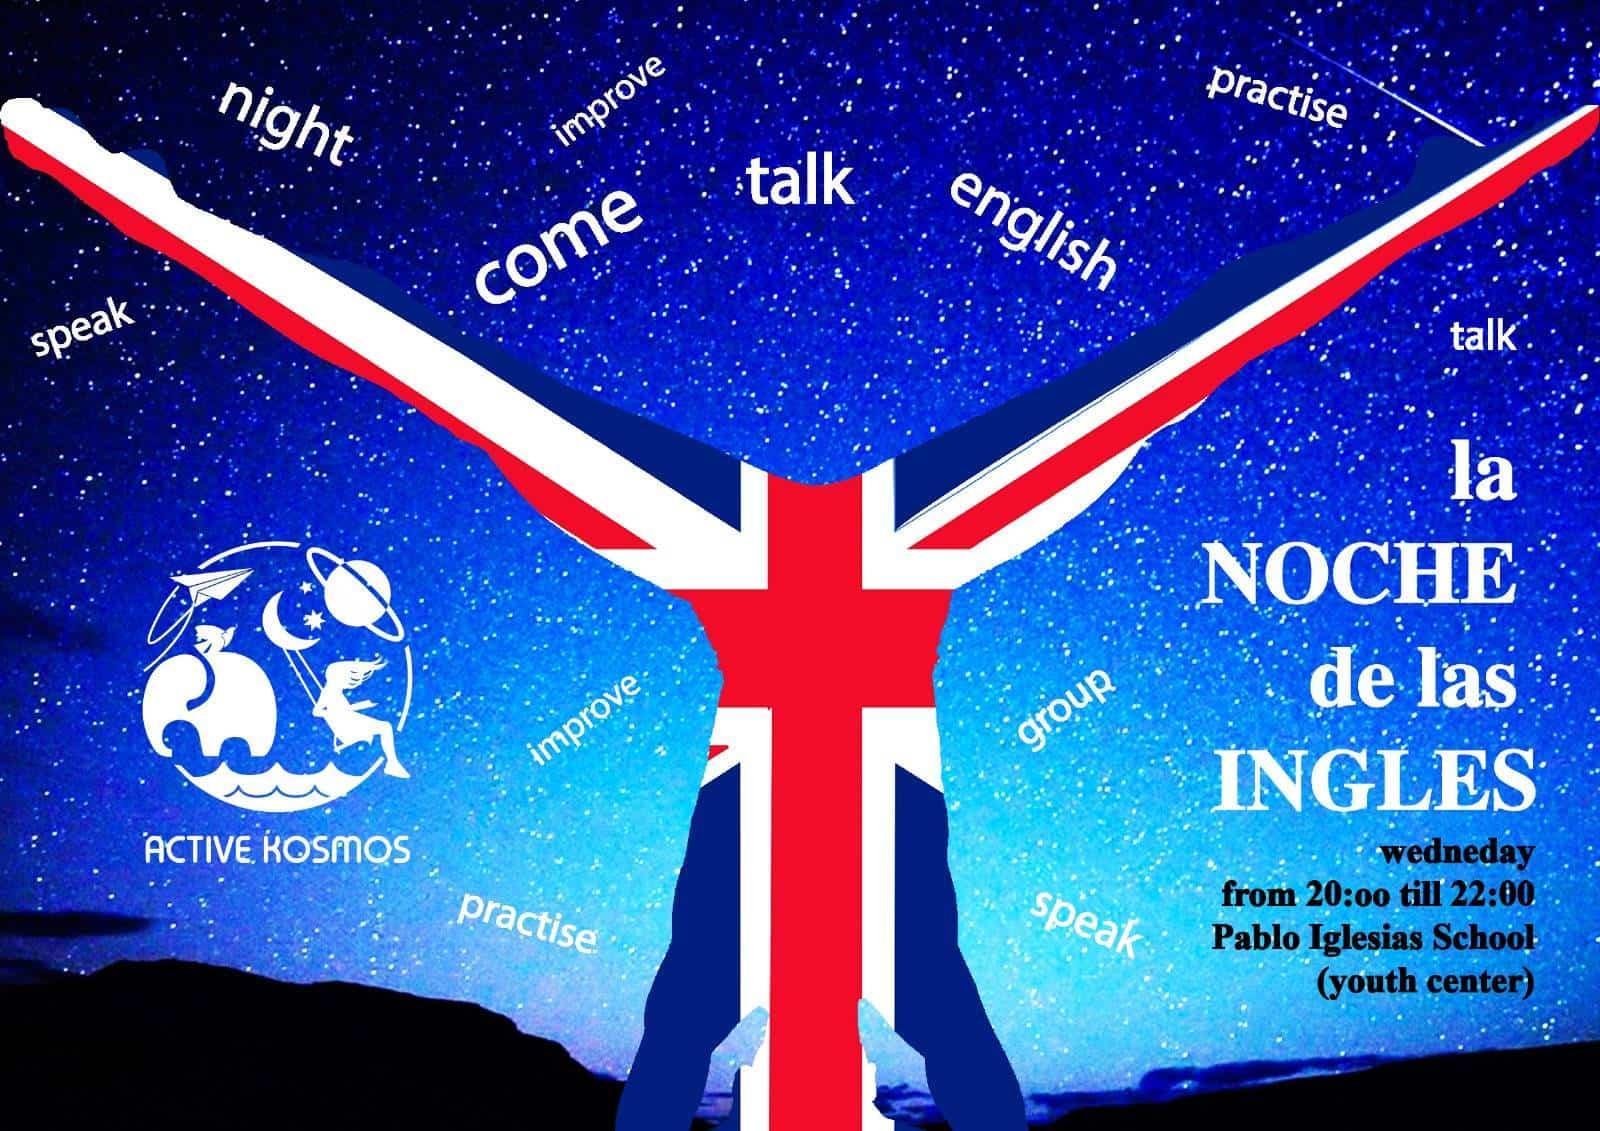 La Noche de las Ingles AKTIVE KOSMOS - Aktive Kosmos pone en marcha un aula para hablar en inglés